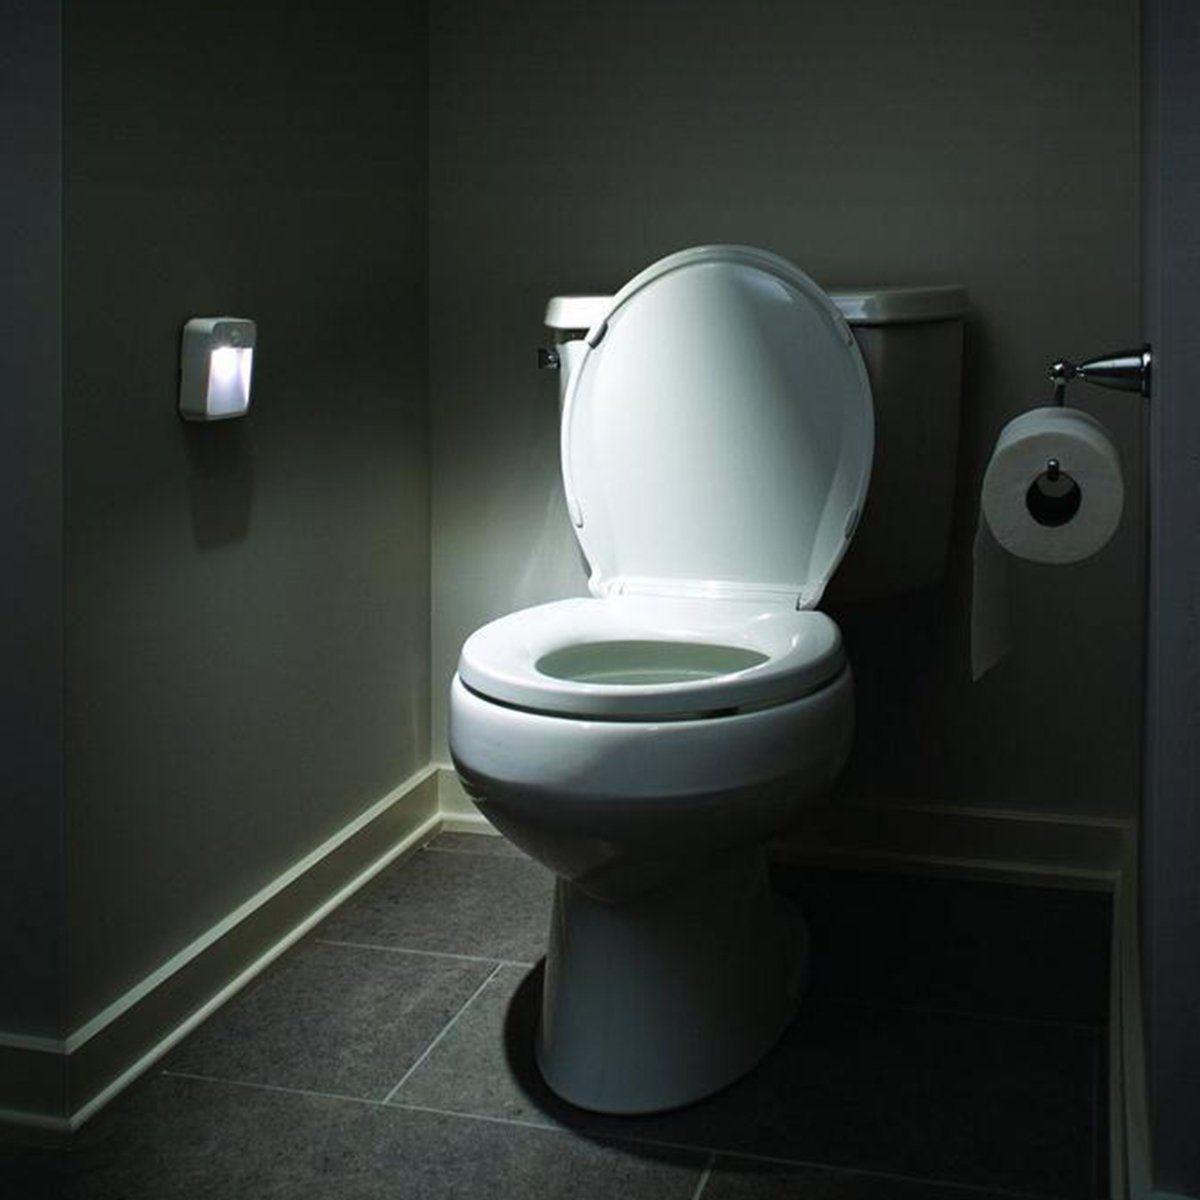 Badkamer Floor Verlichting-Koop Goedkope Badkamer Floor Verlichting ...